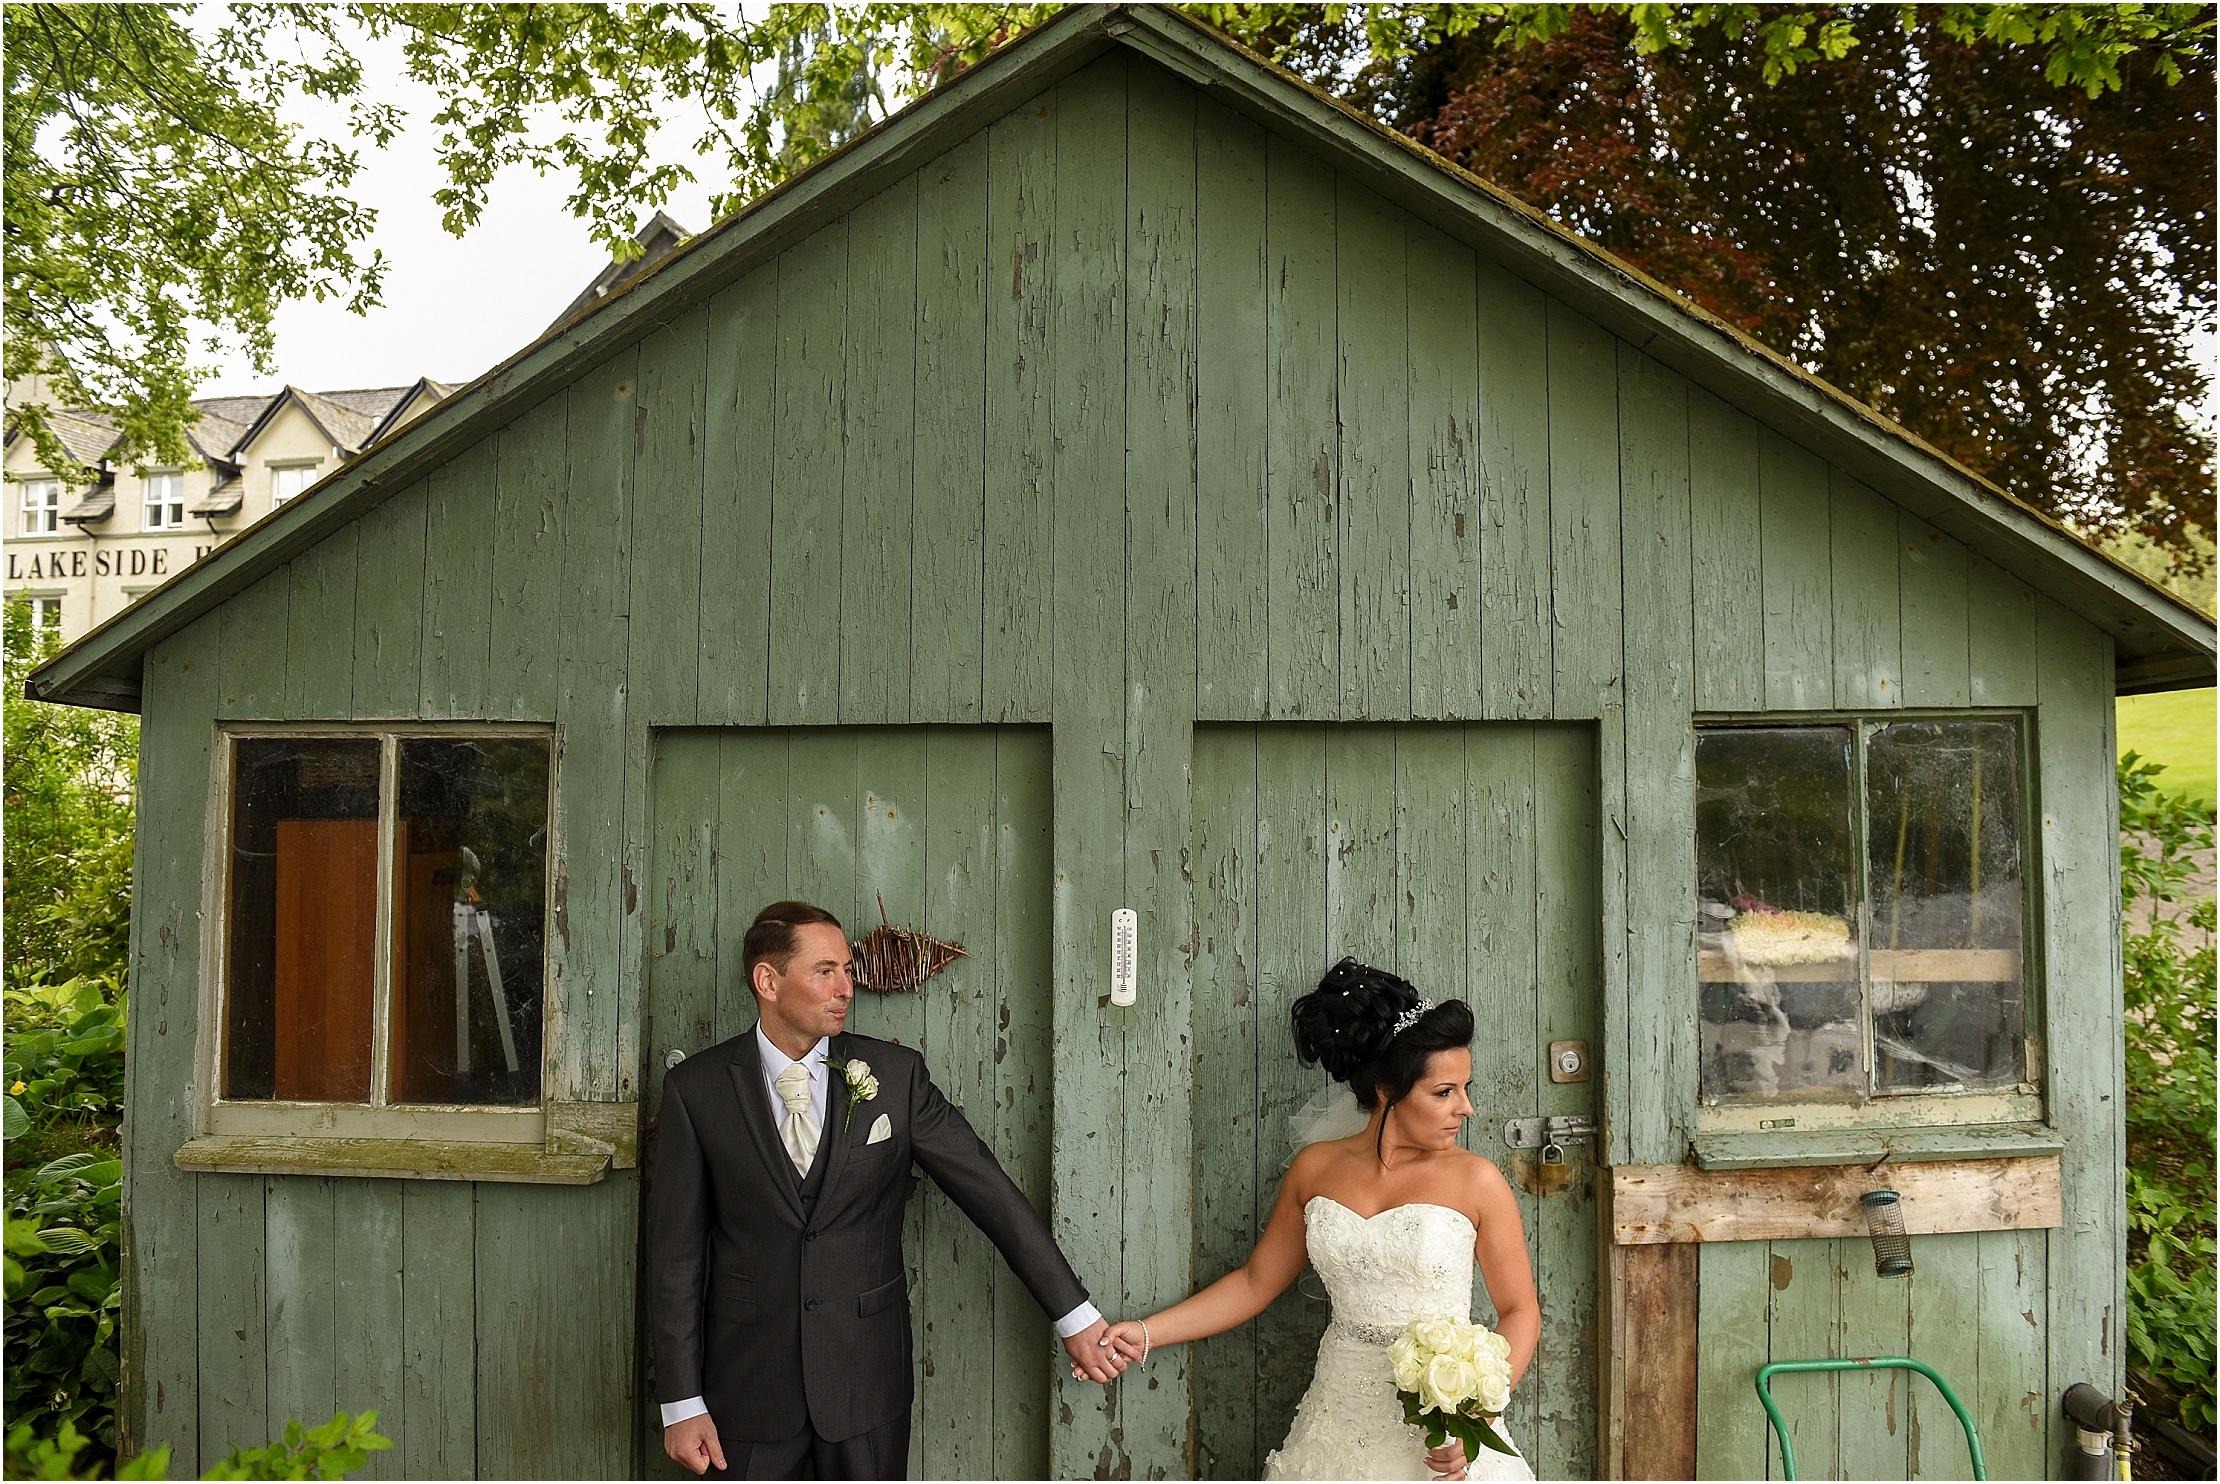 lakeside-hotel-lake-district-wedding - 046.jpg